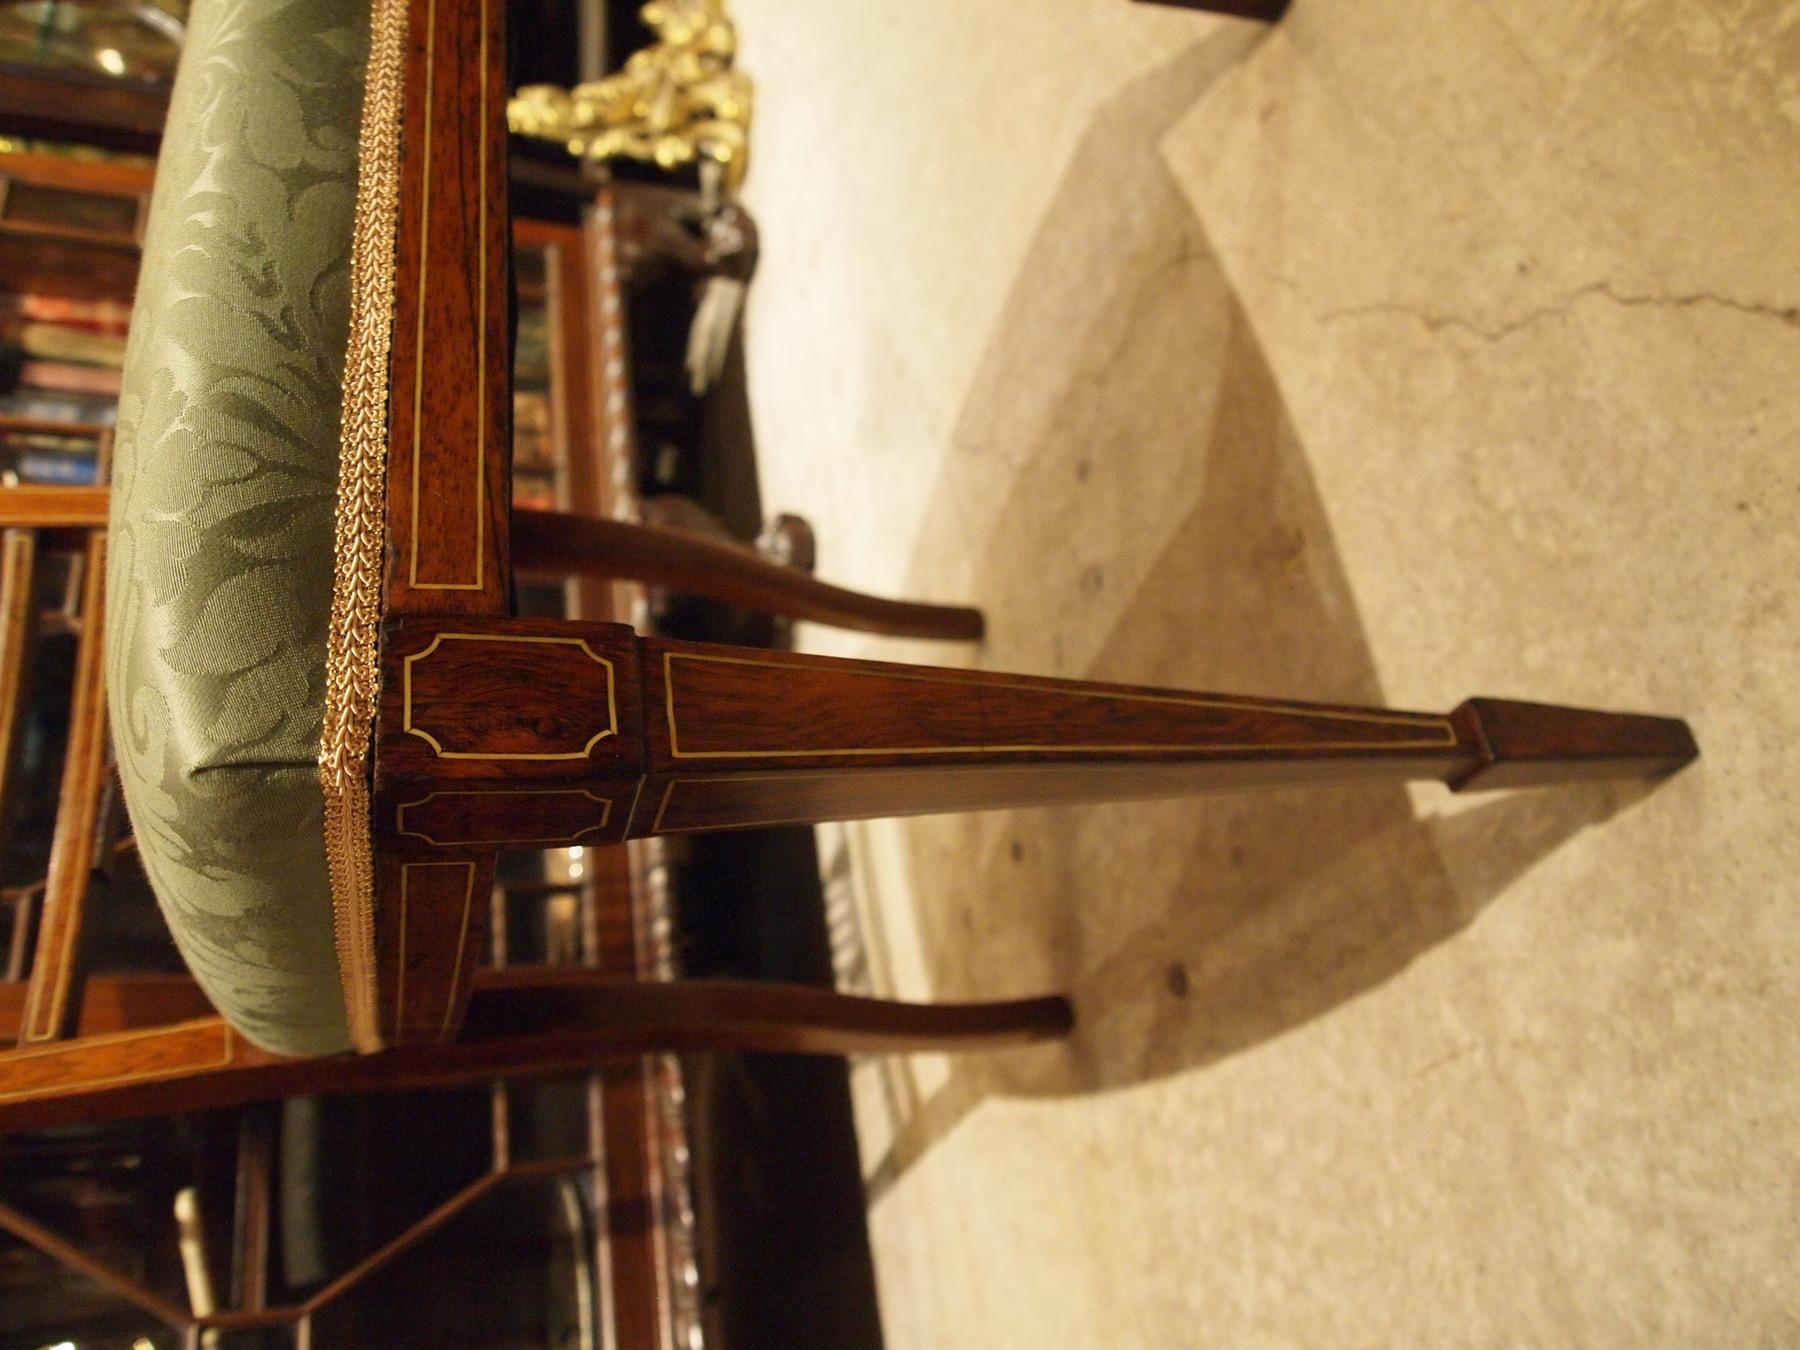 chair201226_12.JPG